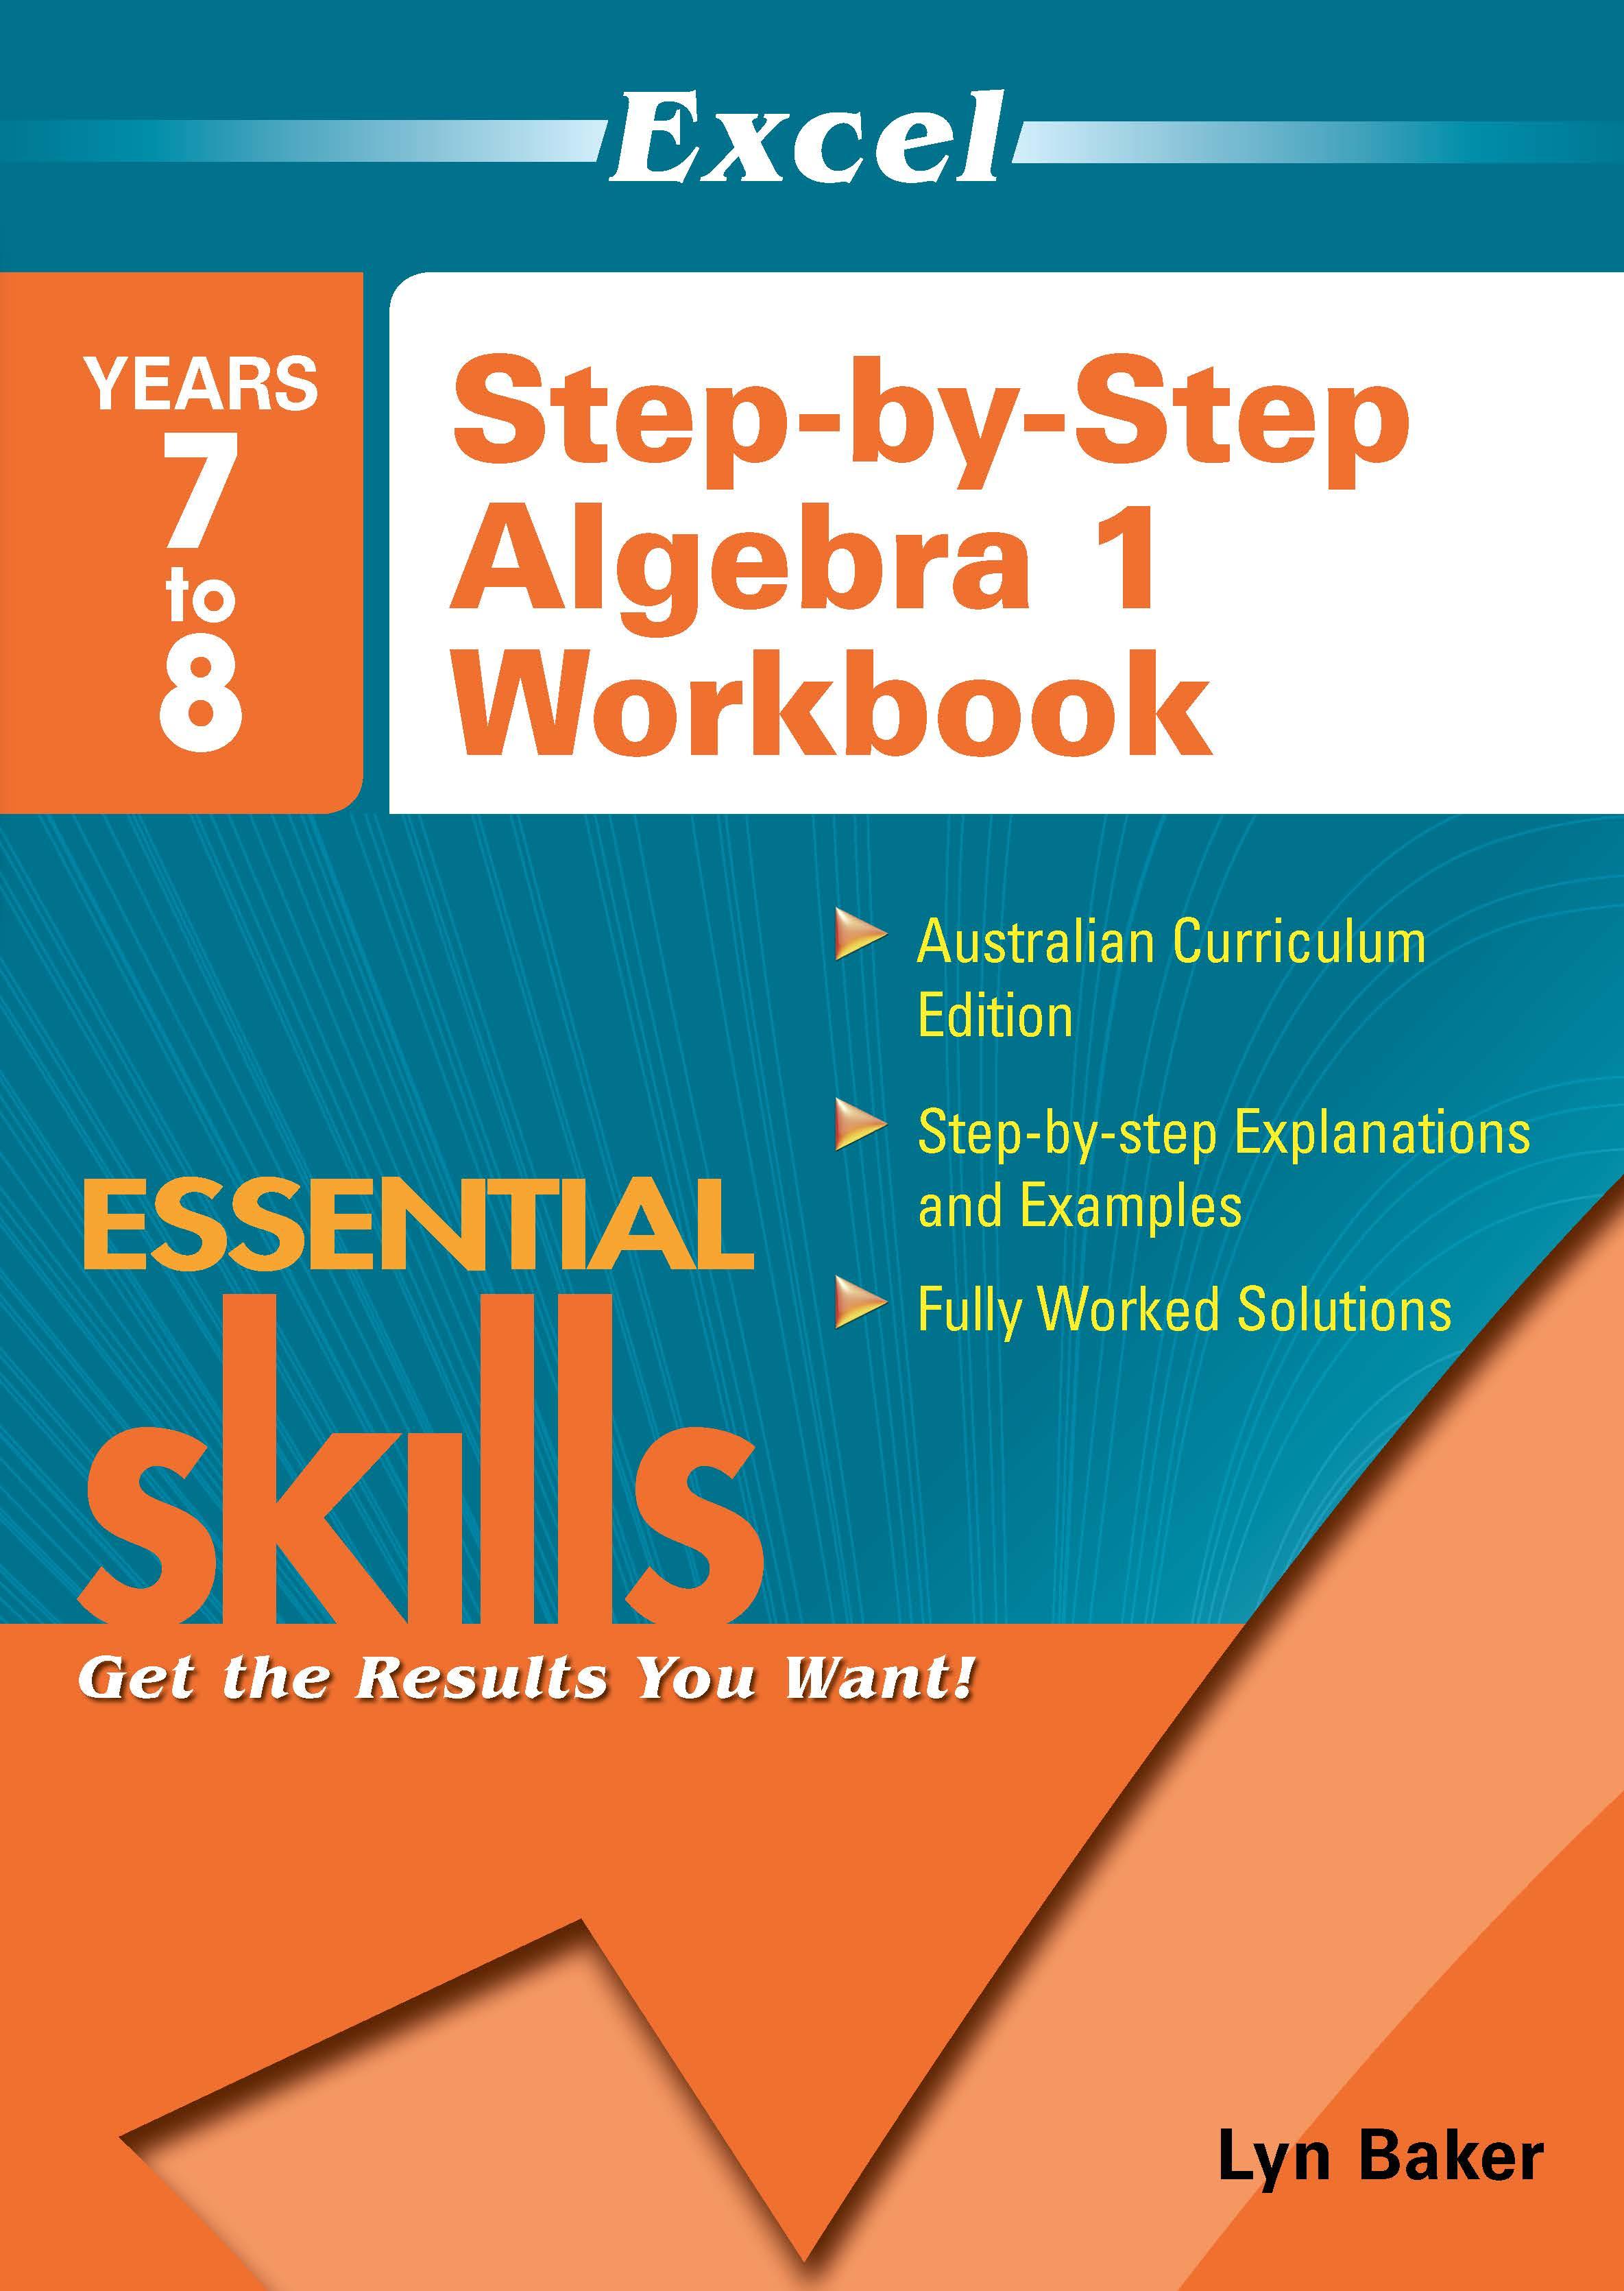 Excel Essential Skills: Step-by-Step Algebra 1 Workbook Years 7-8